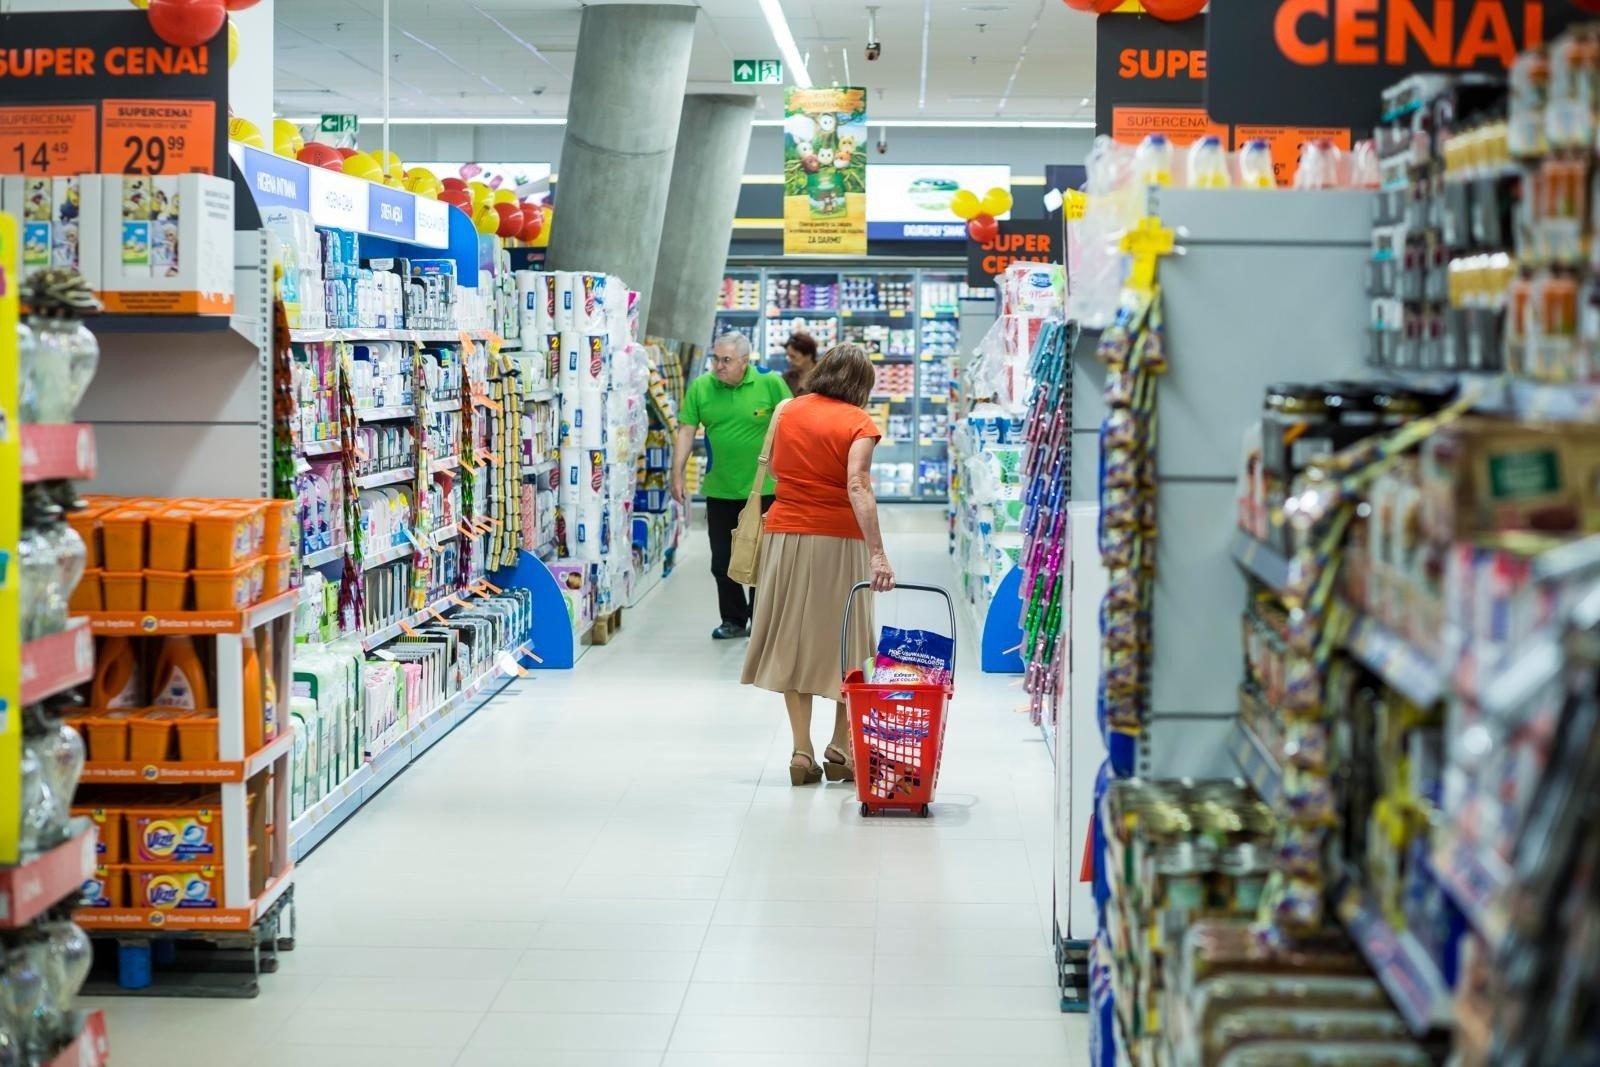 1a8a2213282b3e Sieć sklepów Biedronka na lato przygotowała specjalną ofertę promocyjną.  taniej można kupić m.in